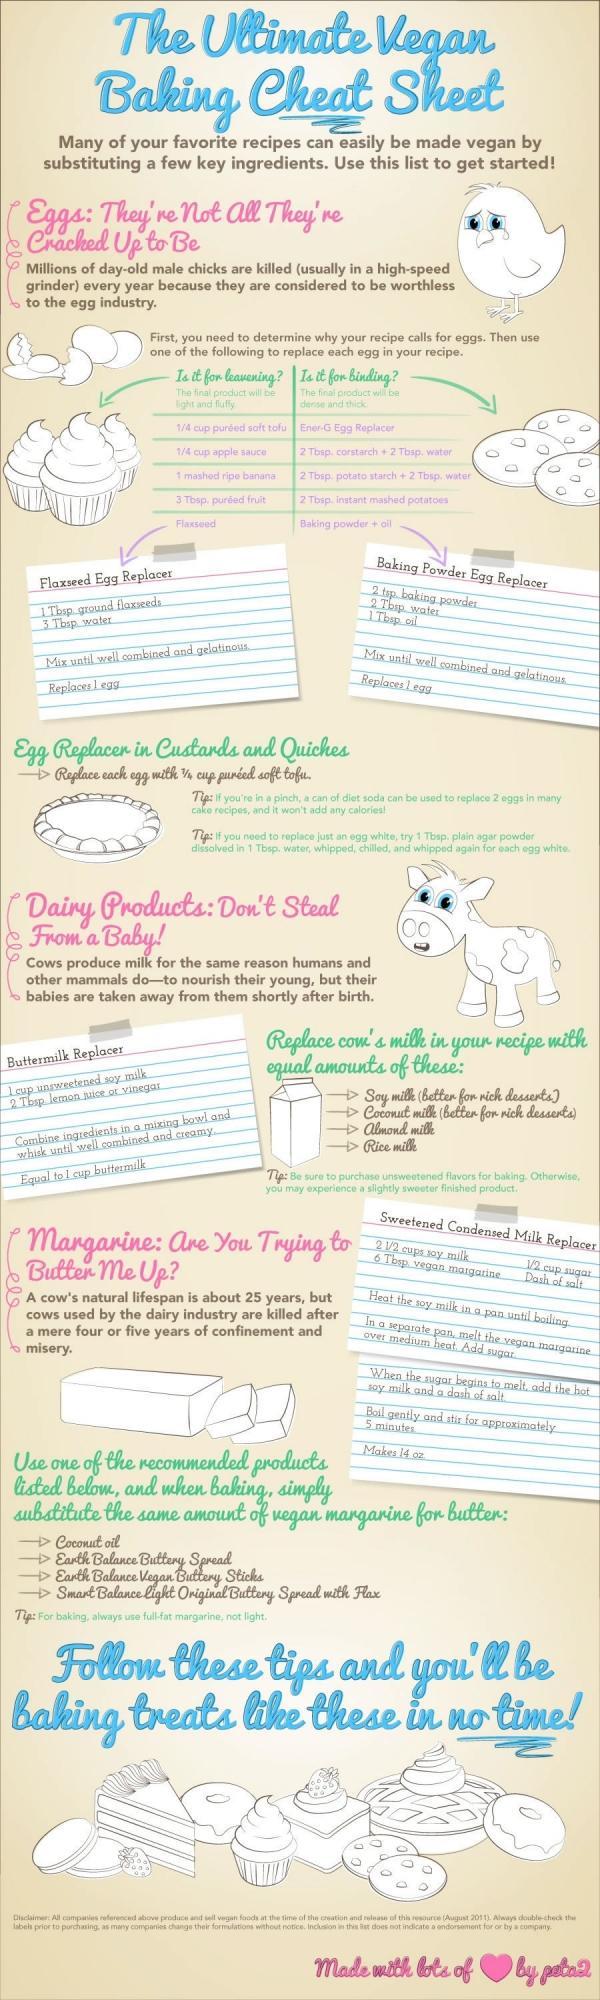 For All the Vegan Baking Chefs